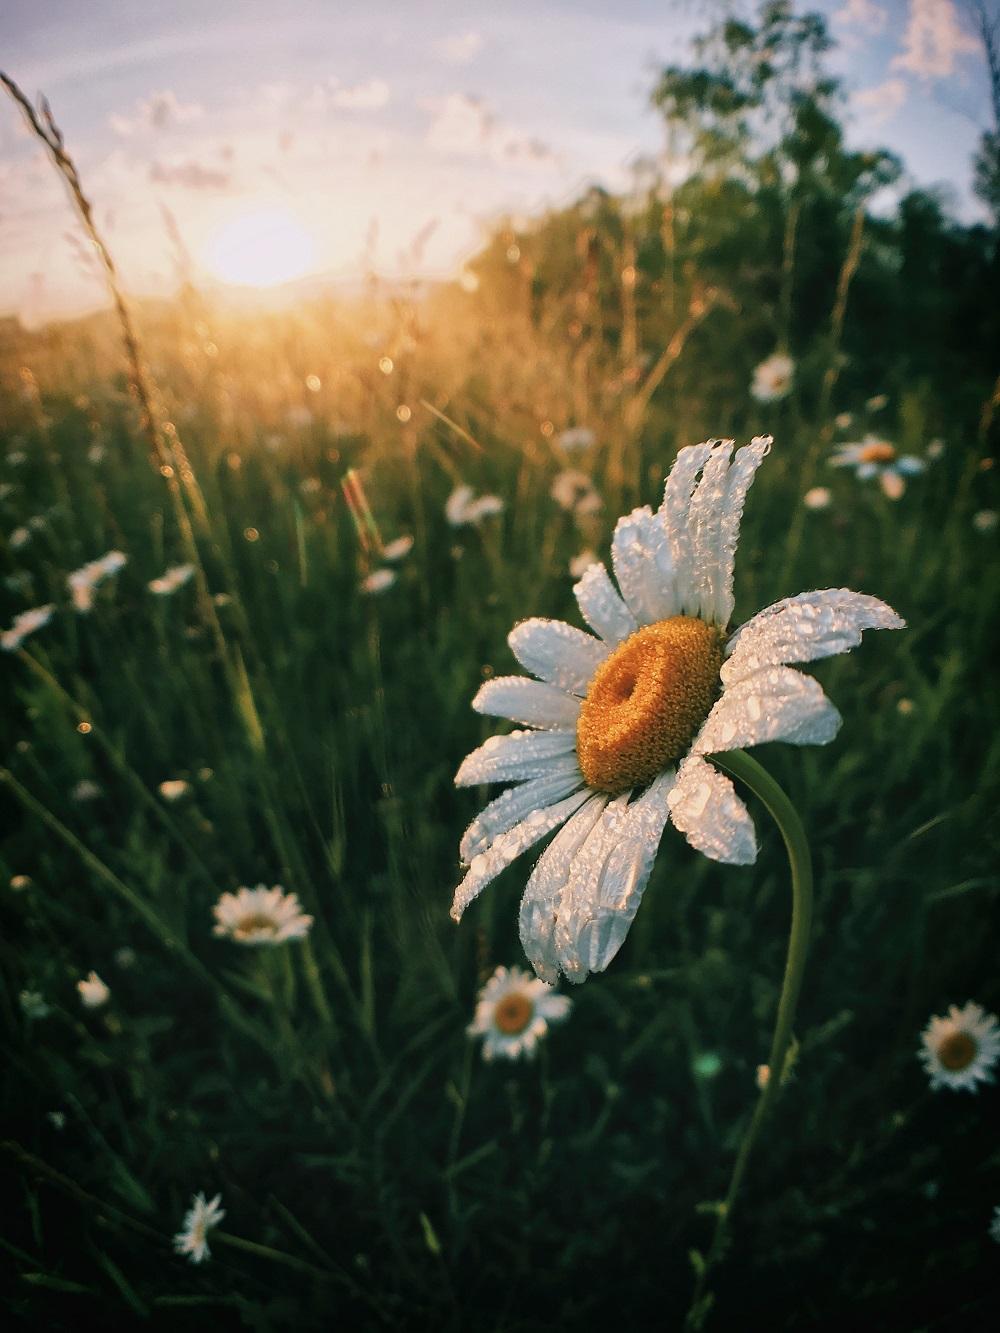 ดอกไม้ที่เหมาะจะปลูก...รับลมหนาว หนาวนี้ดอกไม้บาน